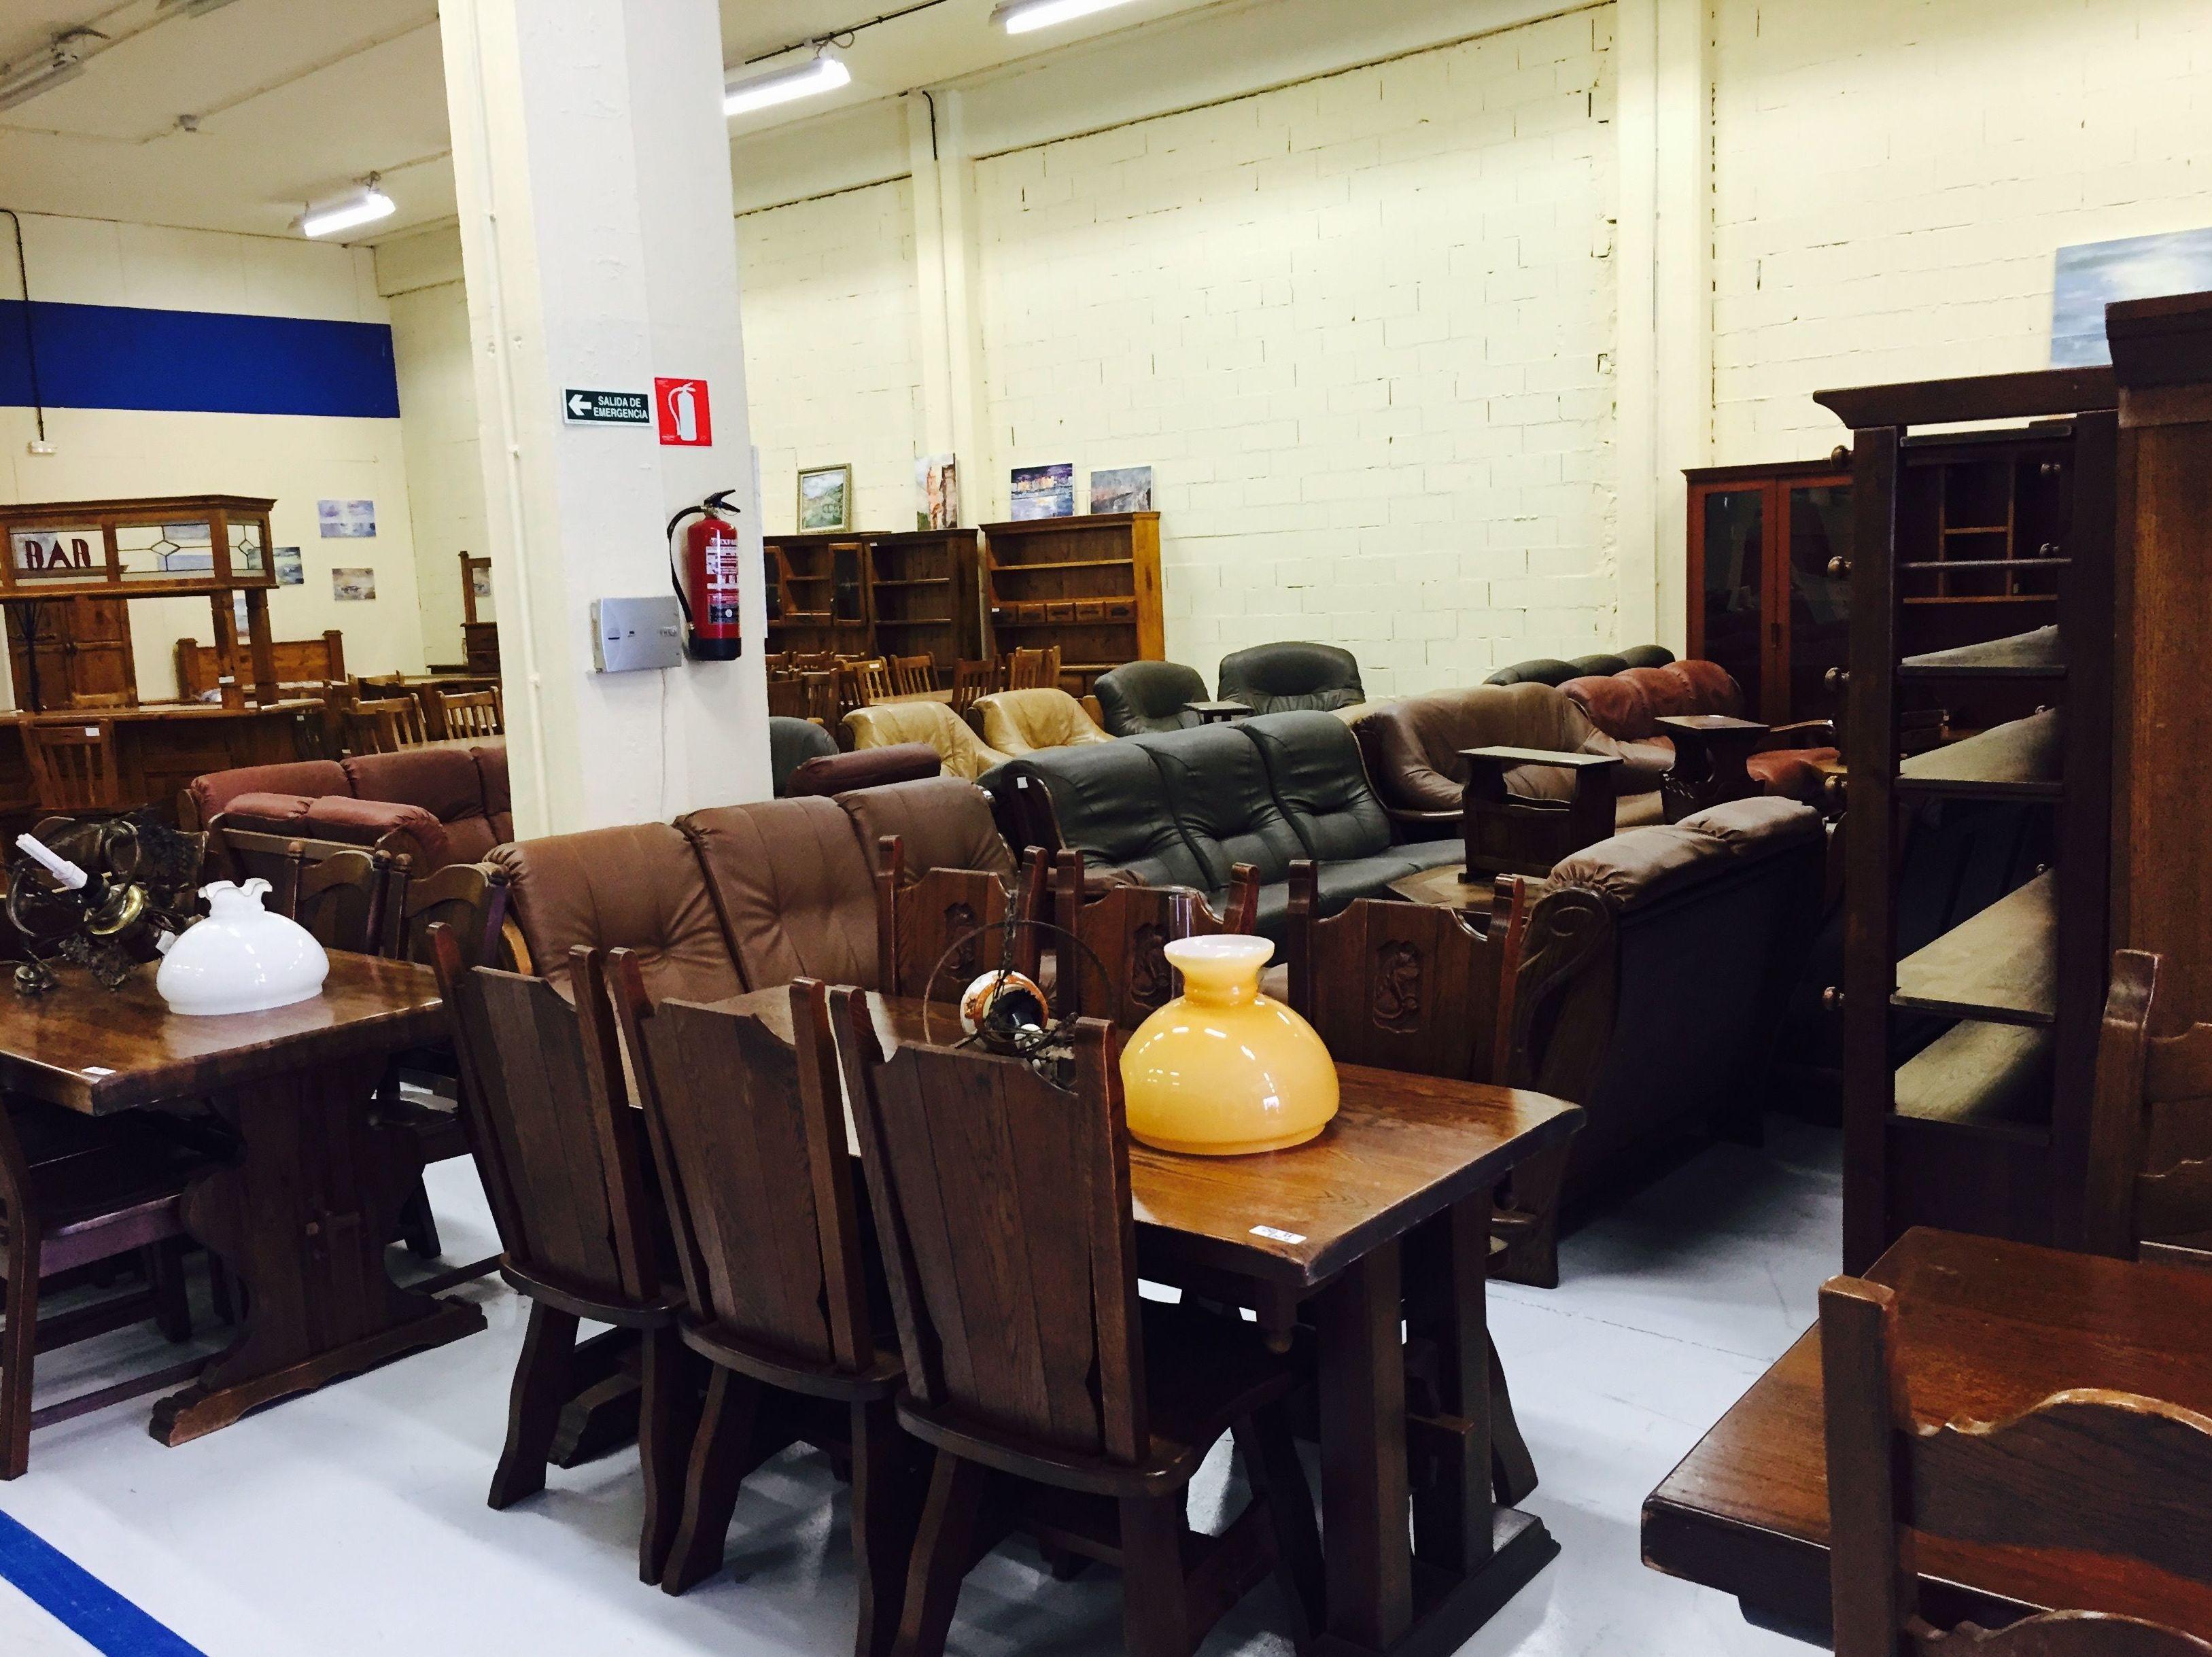 Foto 9 de segunda mano en donostia san sebasti n rastro - Muebles de segunda mano en guipuzcoa ...